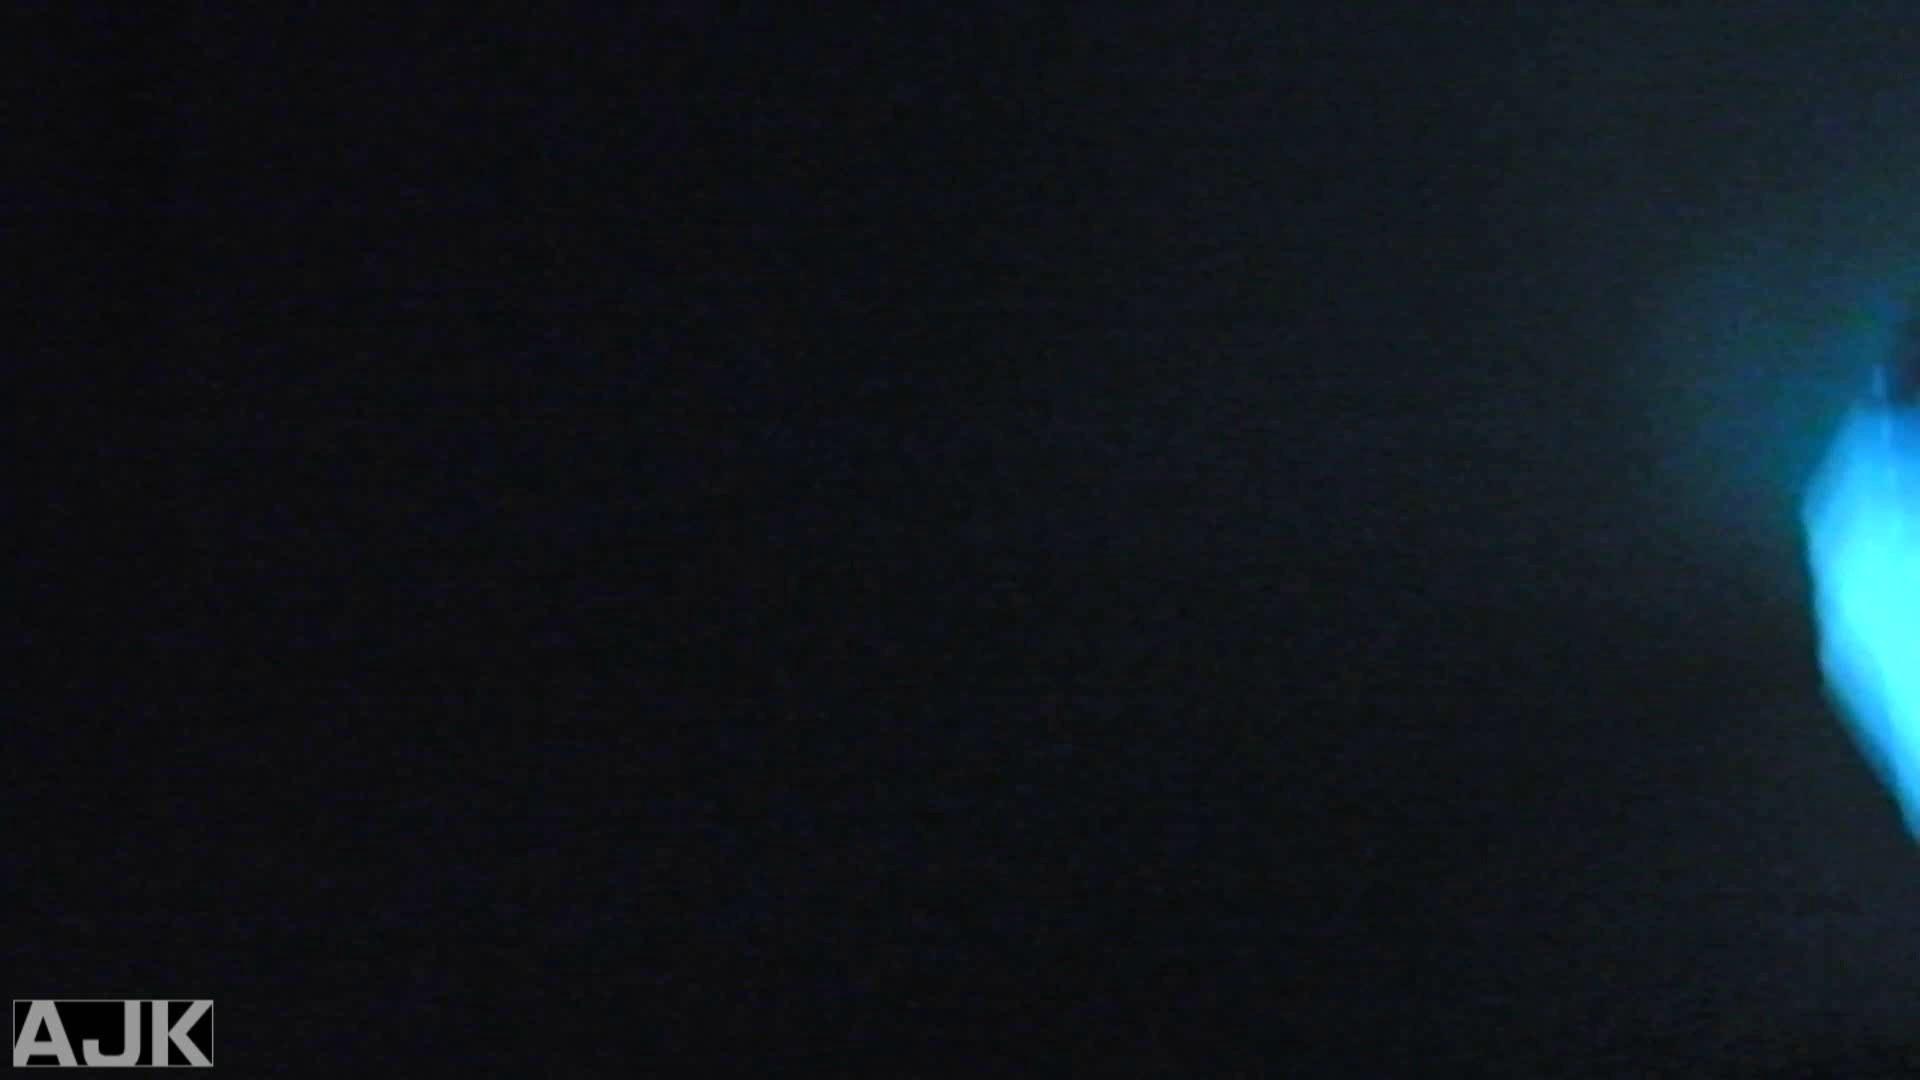 神降臨!史上最強の潜入かわや! vol.23 美女まとめ 盗撮画像 75PIX 23